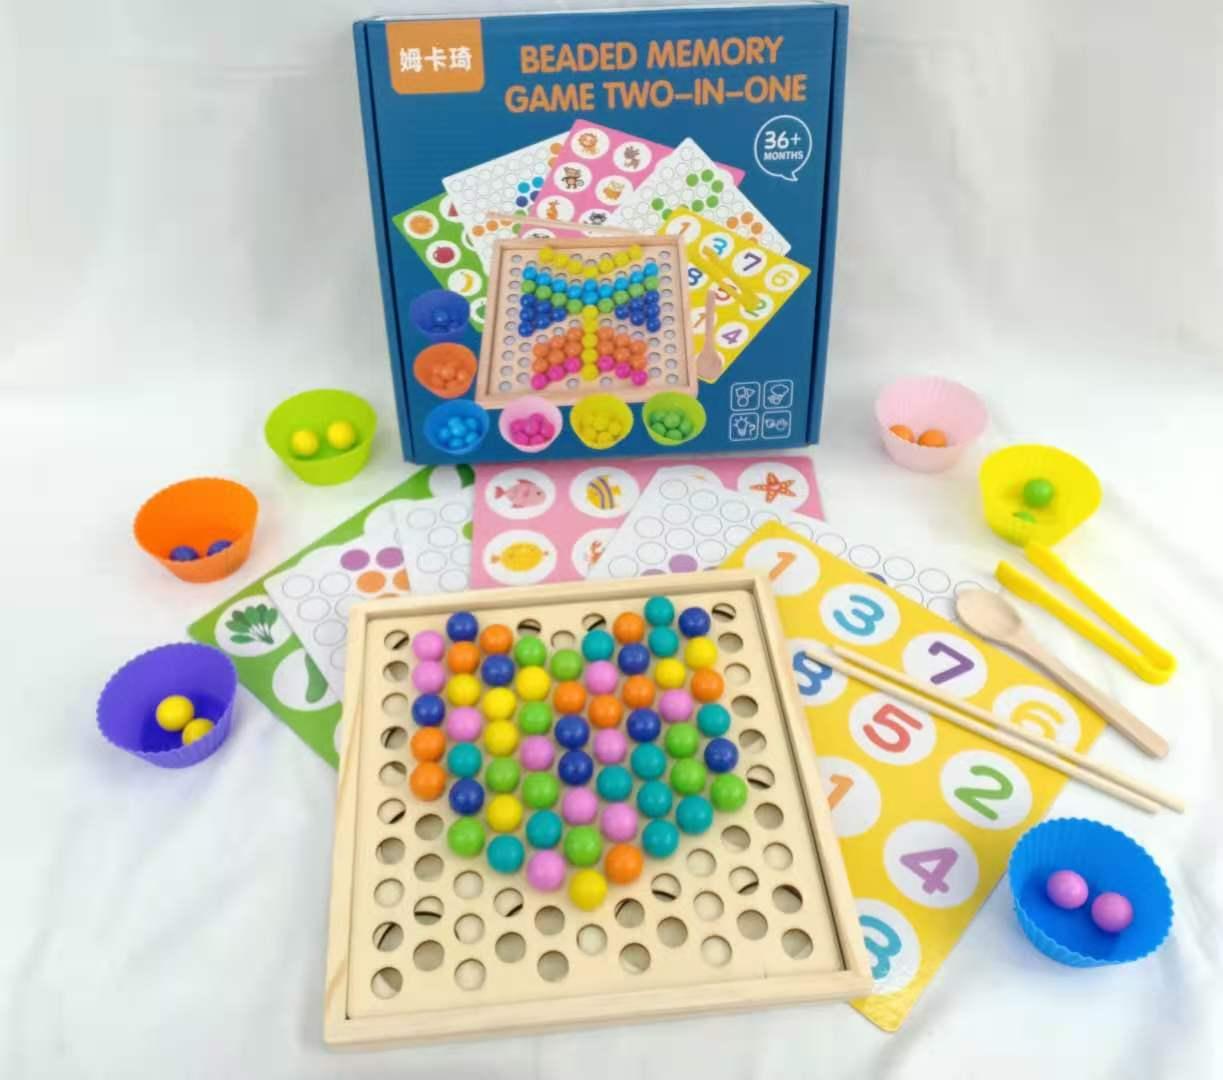 早教夹珠子训练益智玩具儿童蒙台梭利夹筷子夹弹珠训练